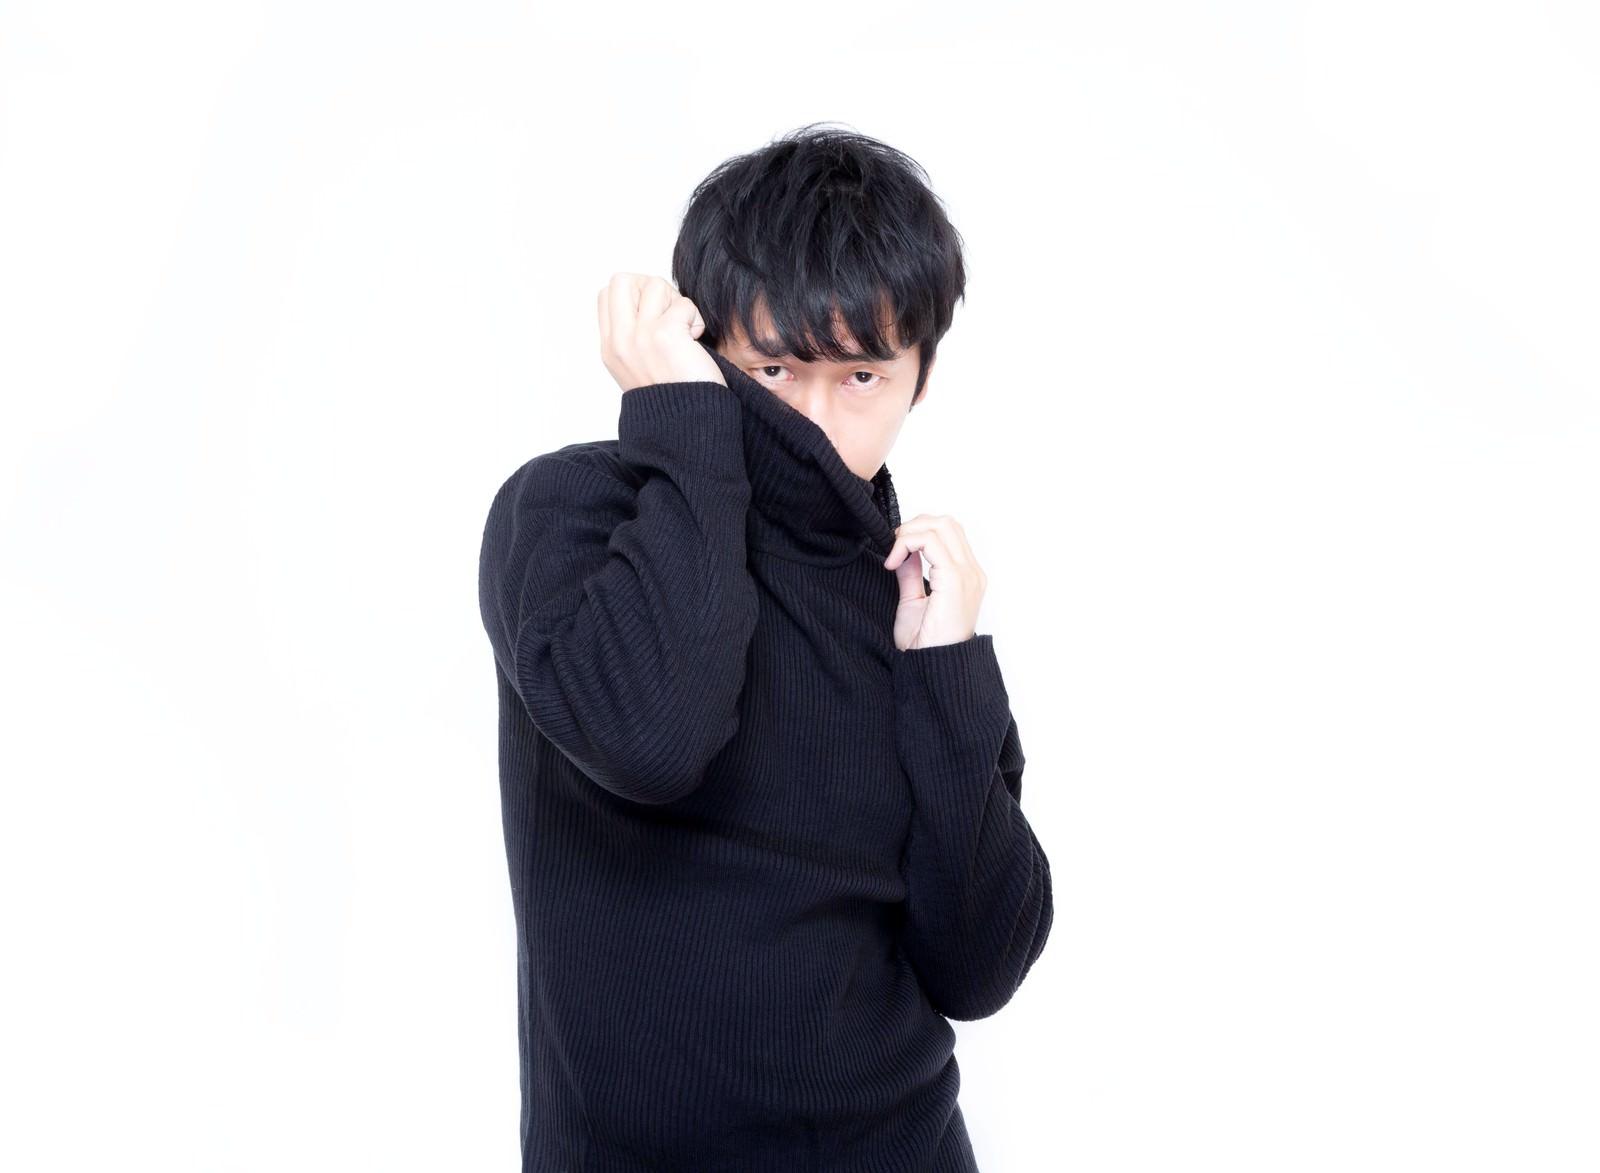 「アパレルの広告に憧れるセミプロモデル」の写真[モデル:大川竜弥]